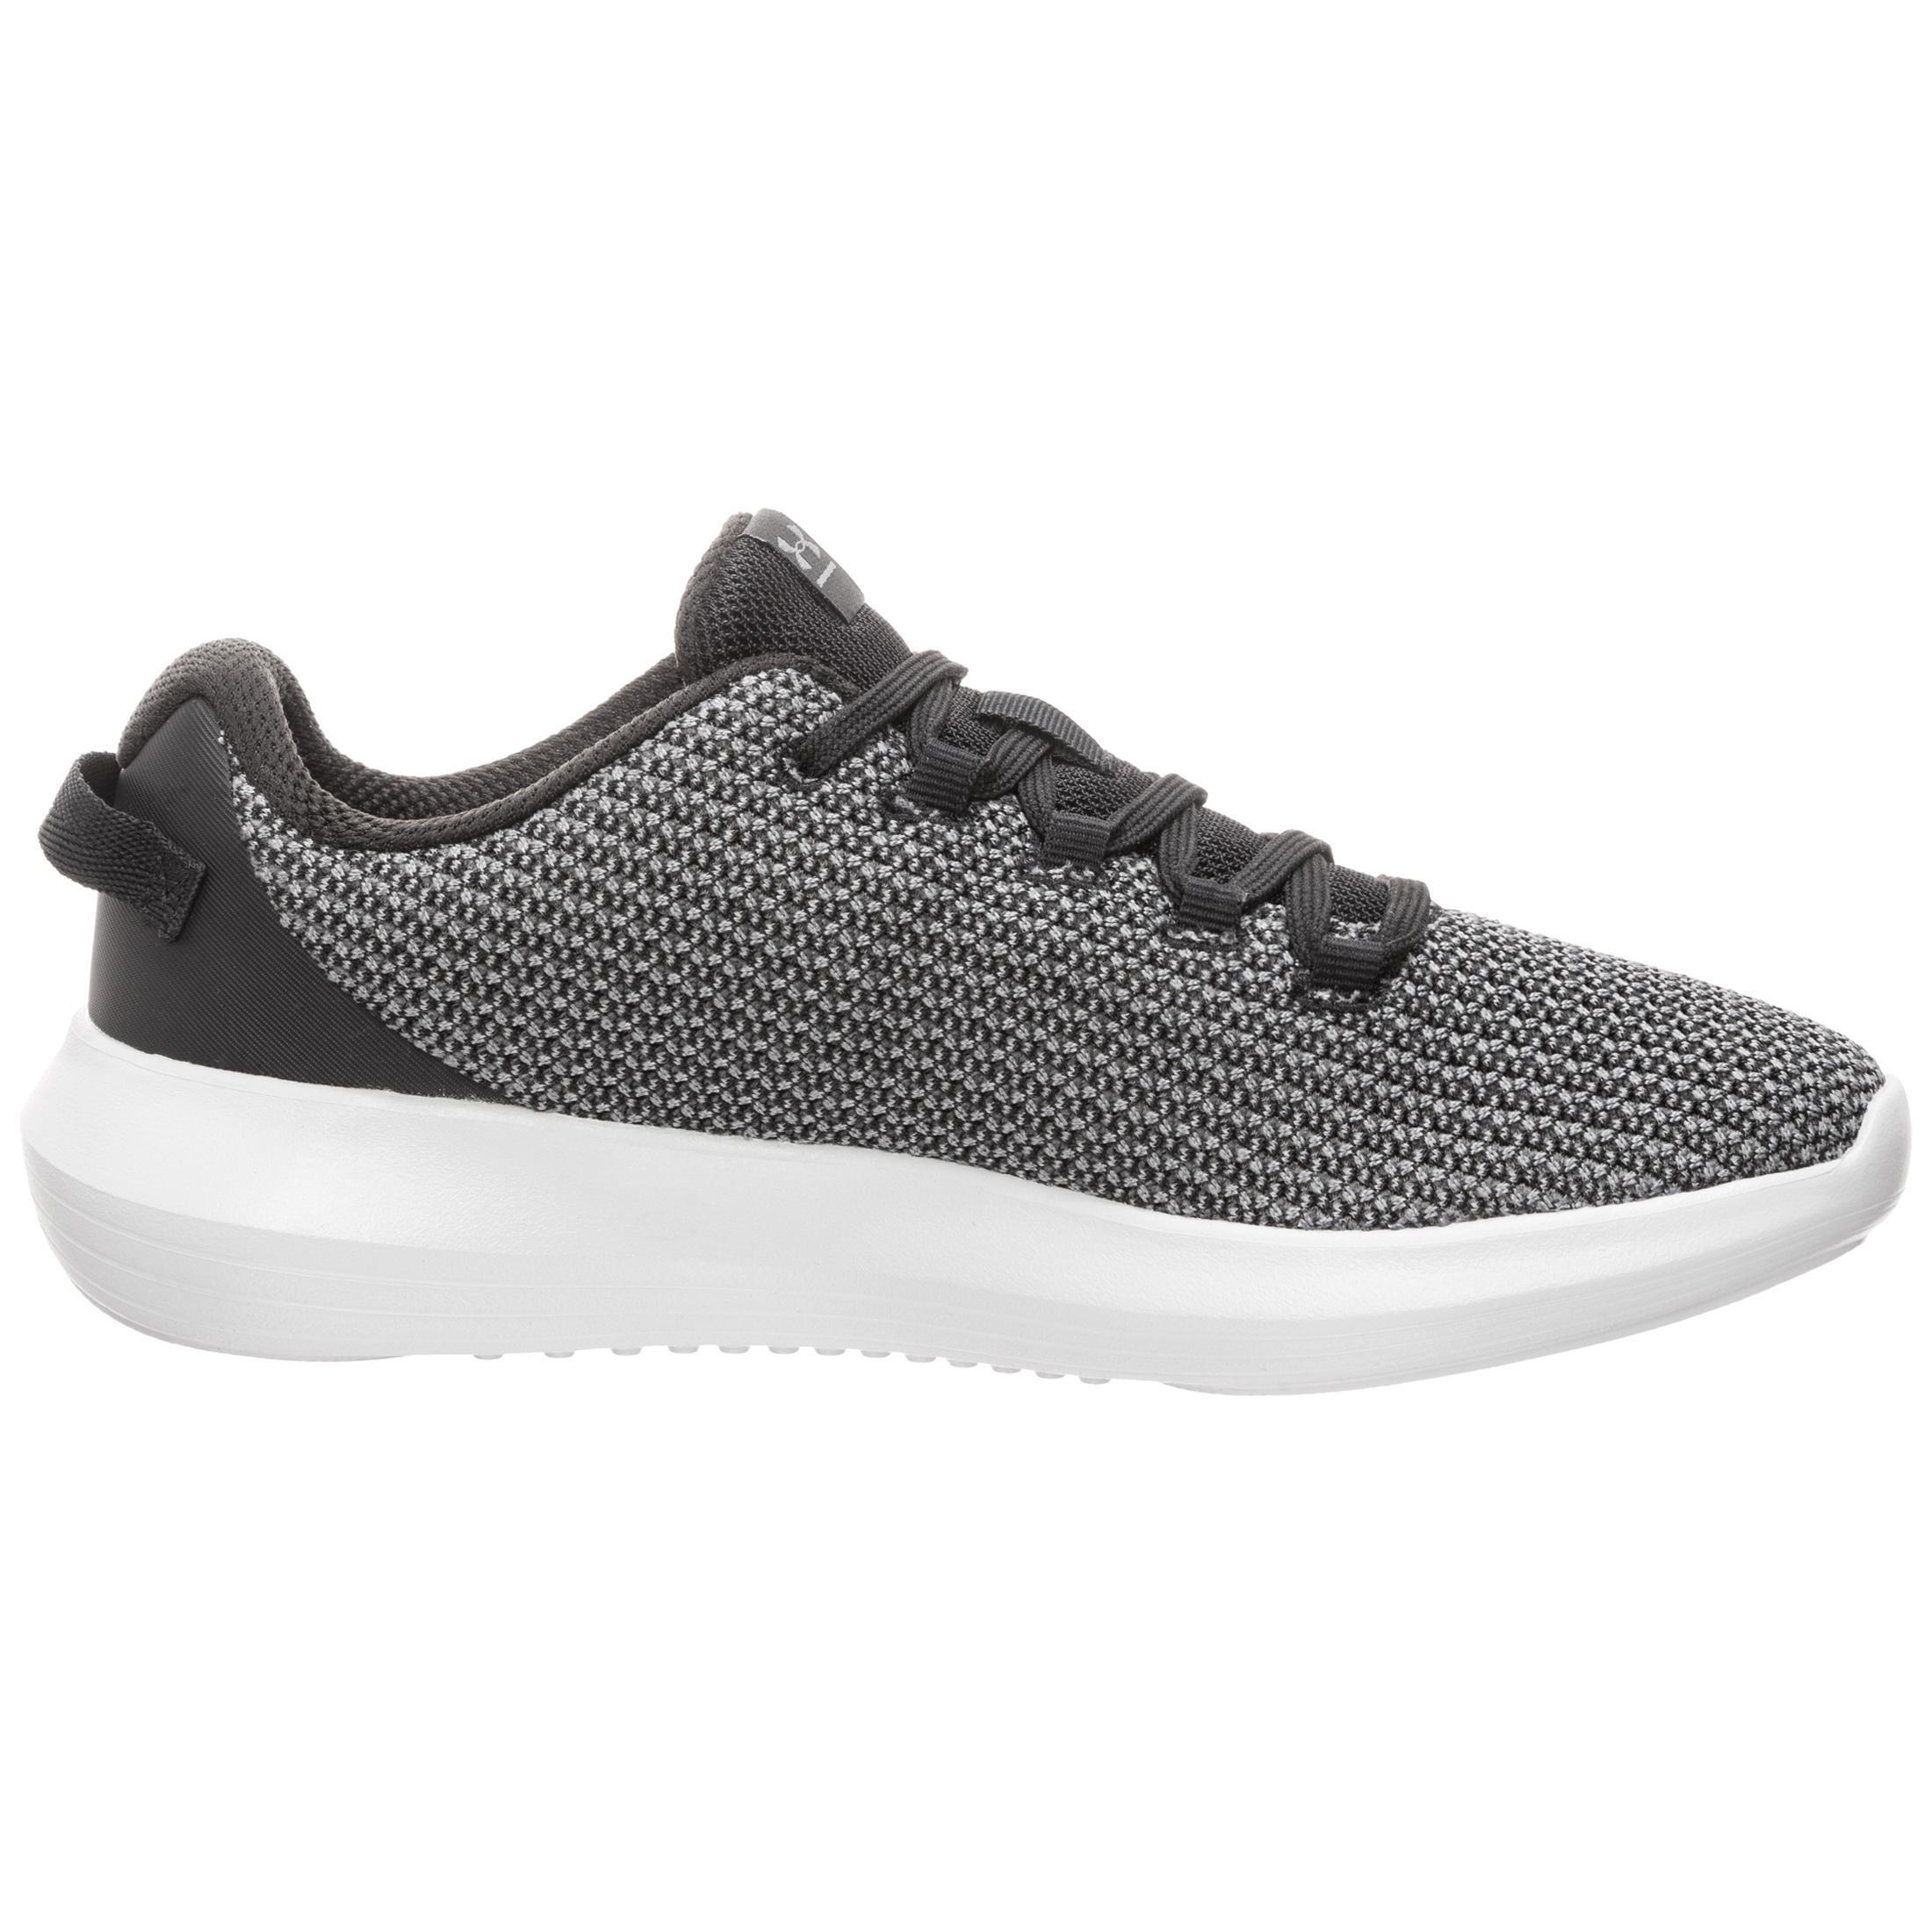 Under Armour Ripple Fitnessschuhe Damen dunkelgrau im im im Online Shop von SportScheck kaufen Gute Qualität beliebte Schuhe 094d3d